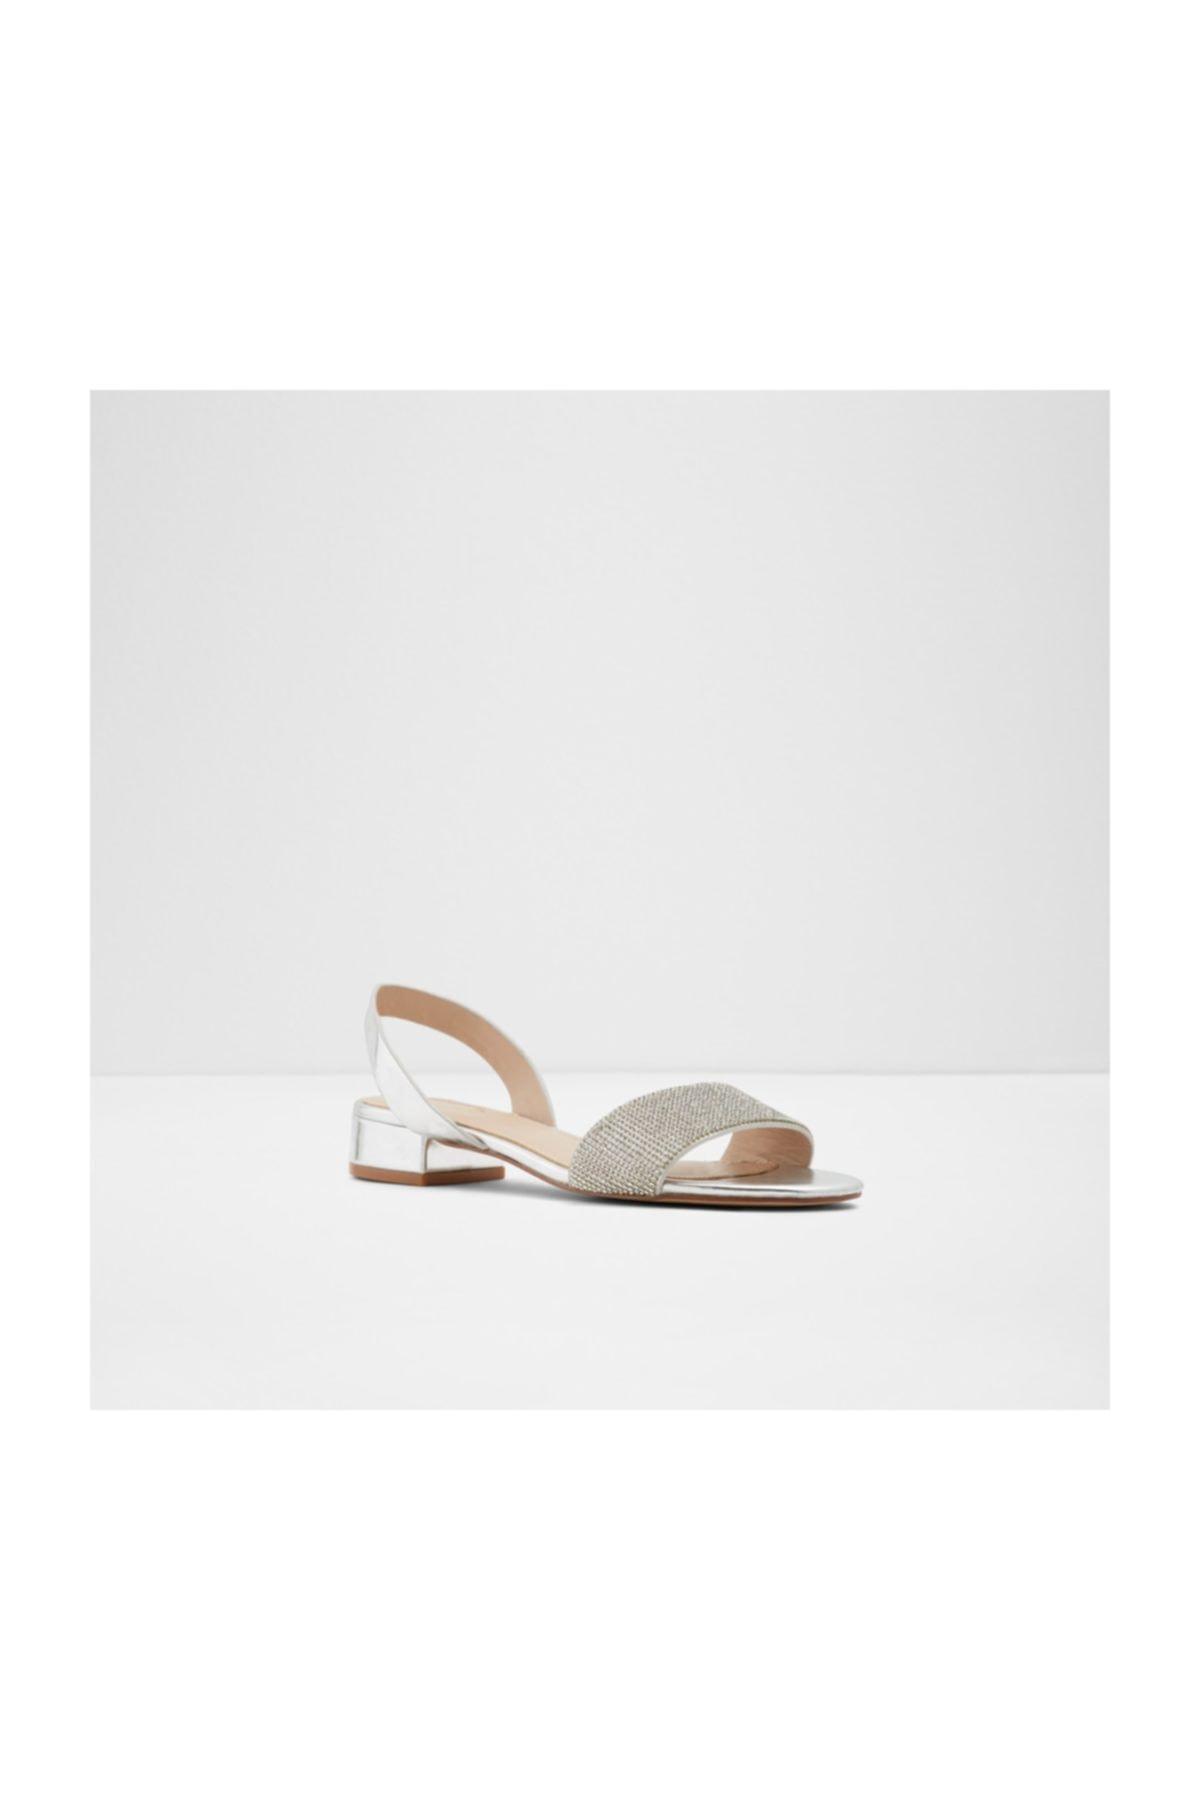 Aldo Kadın Gümüş Taşlı Sandalet 1